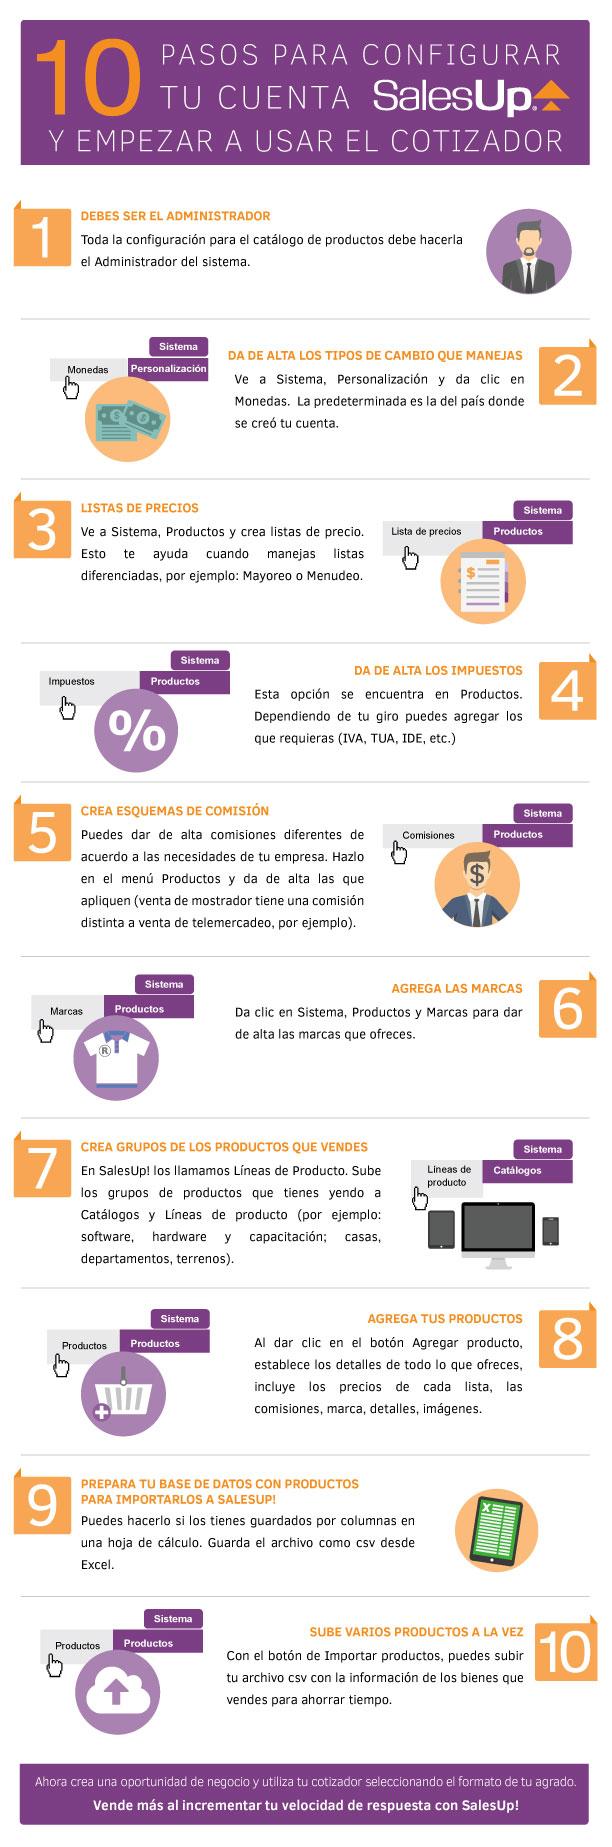 CRM SalesUp: Infografia Cotizador